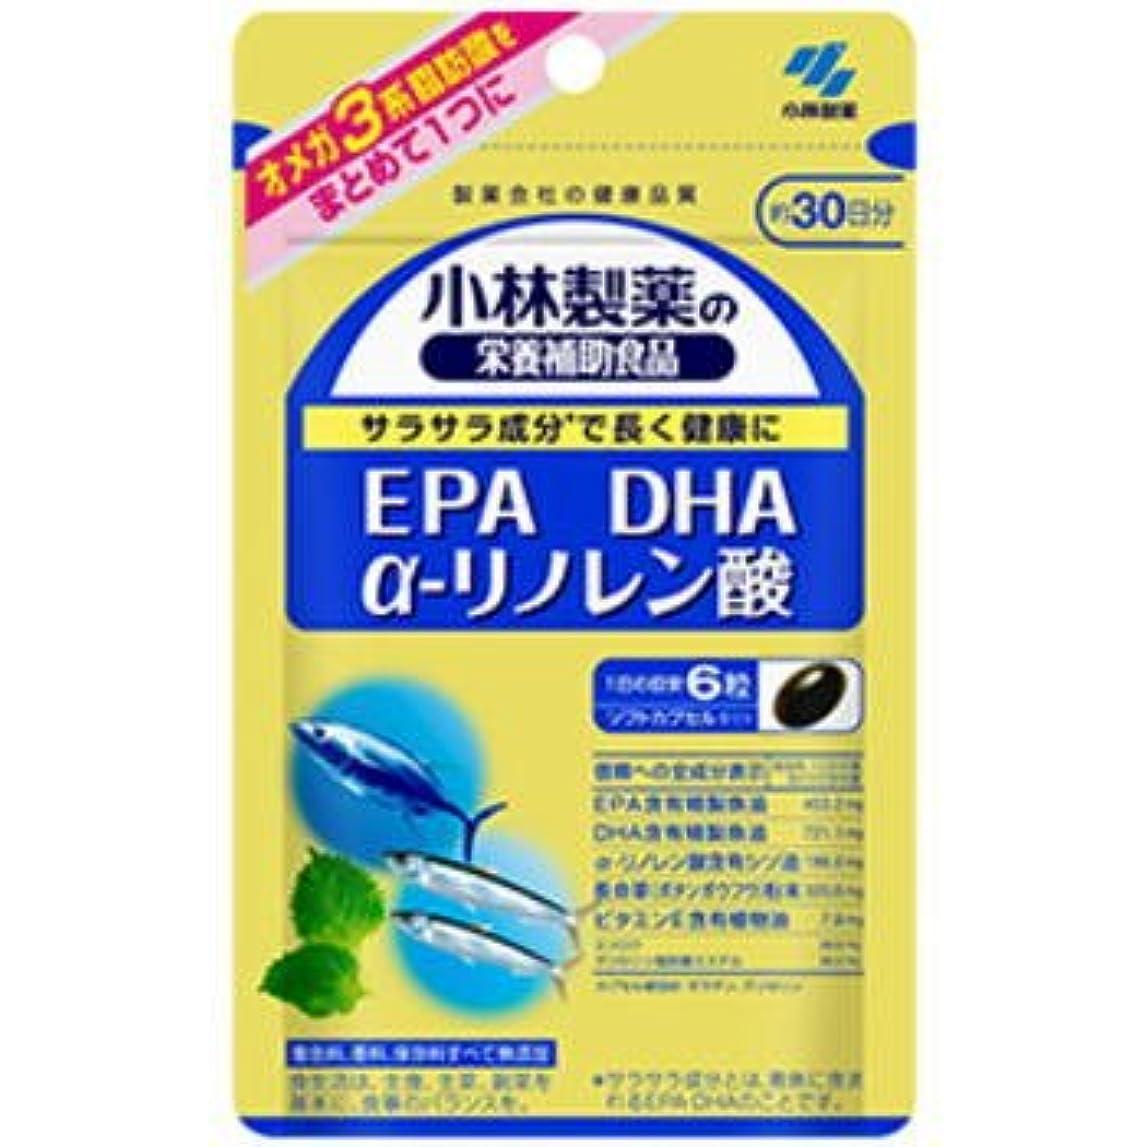 性格終点そこ小林製薬 EPA DHA α-リノレン酸 180粒×6個セット【ネコポス発送】